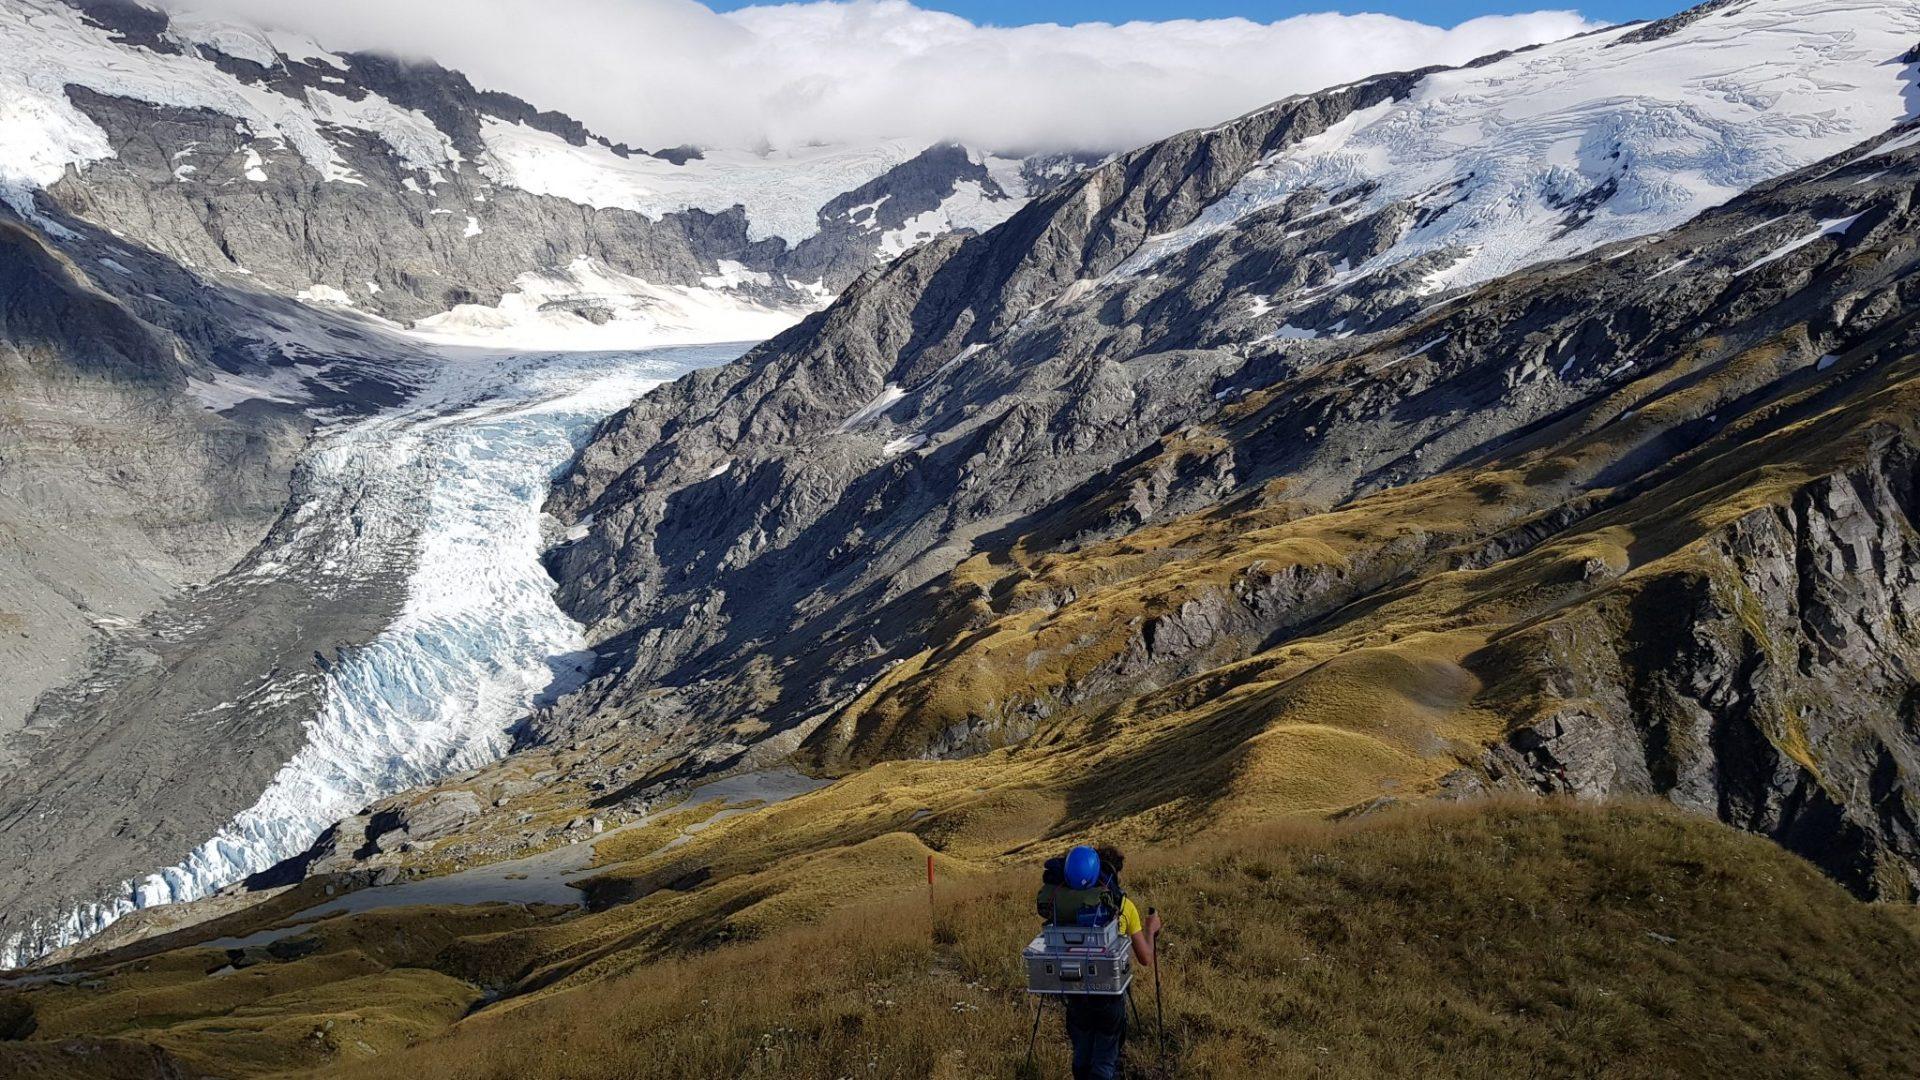 L'équipe de terrain grimpe vers le glacier Dart près de Wanaka en Nouvelle-Zélande © Laboratoire SBER/EPFL